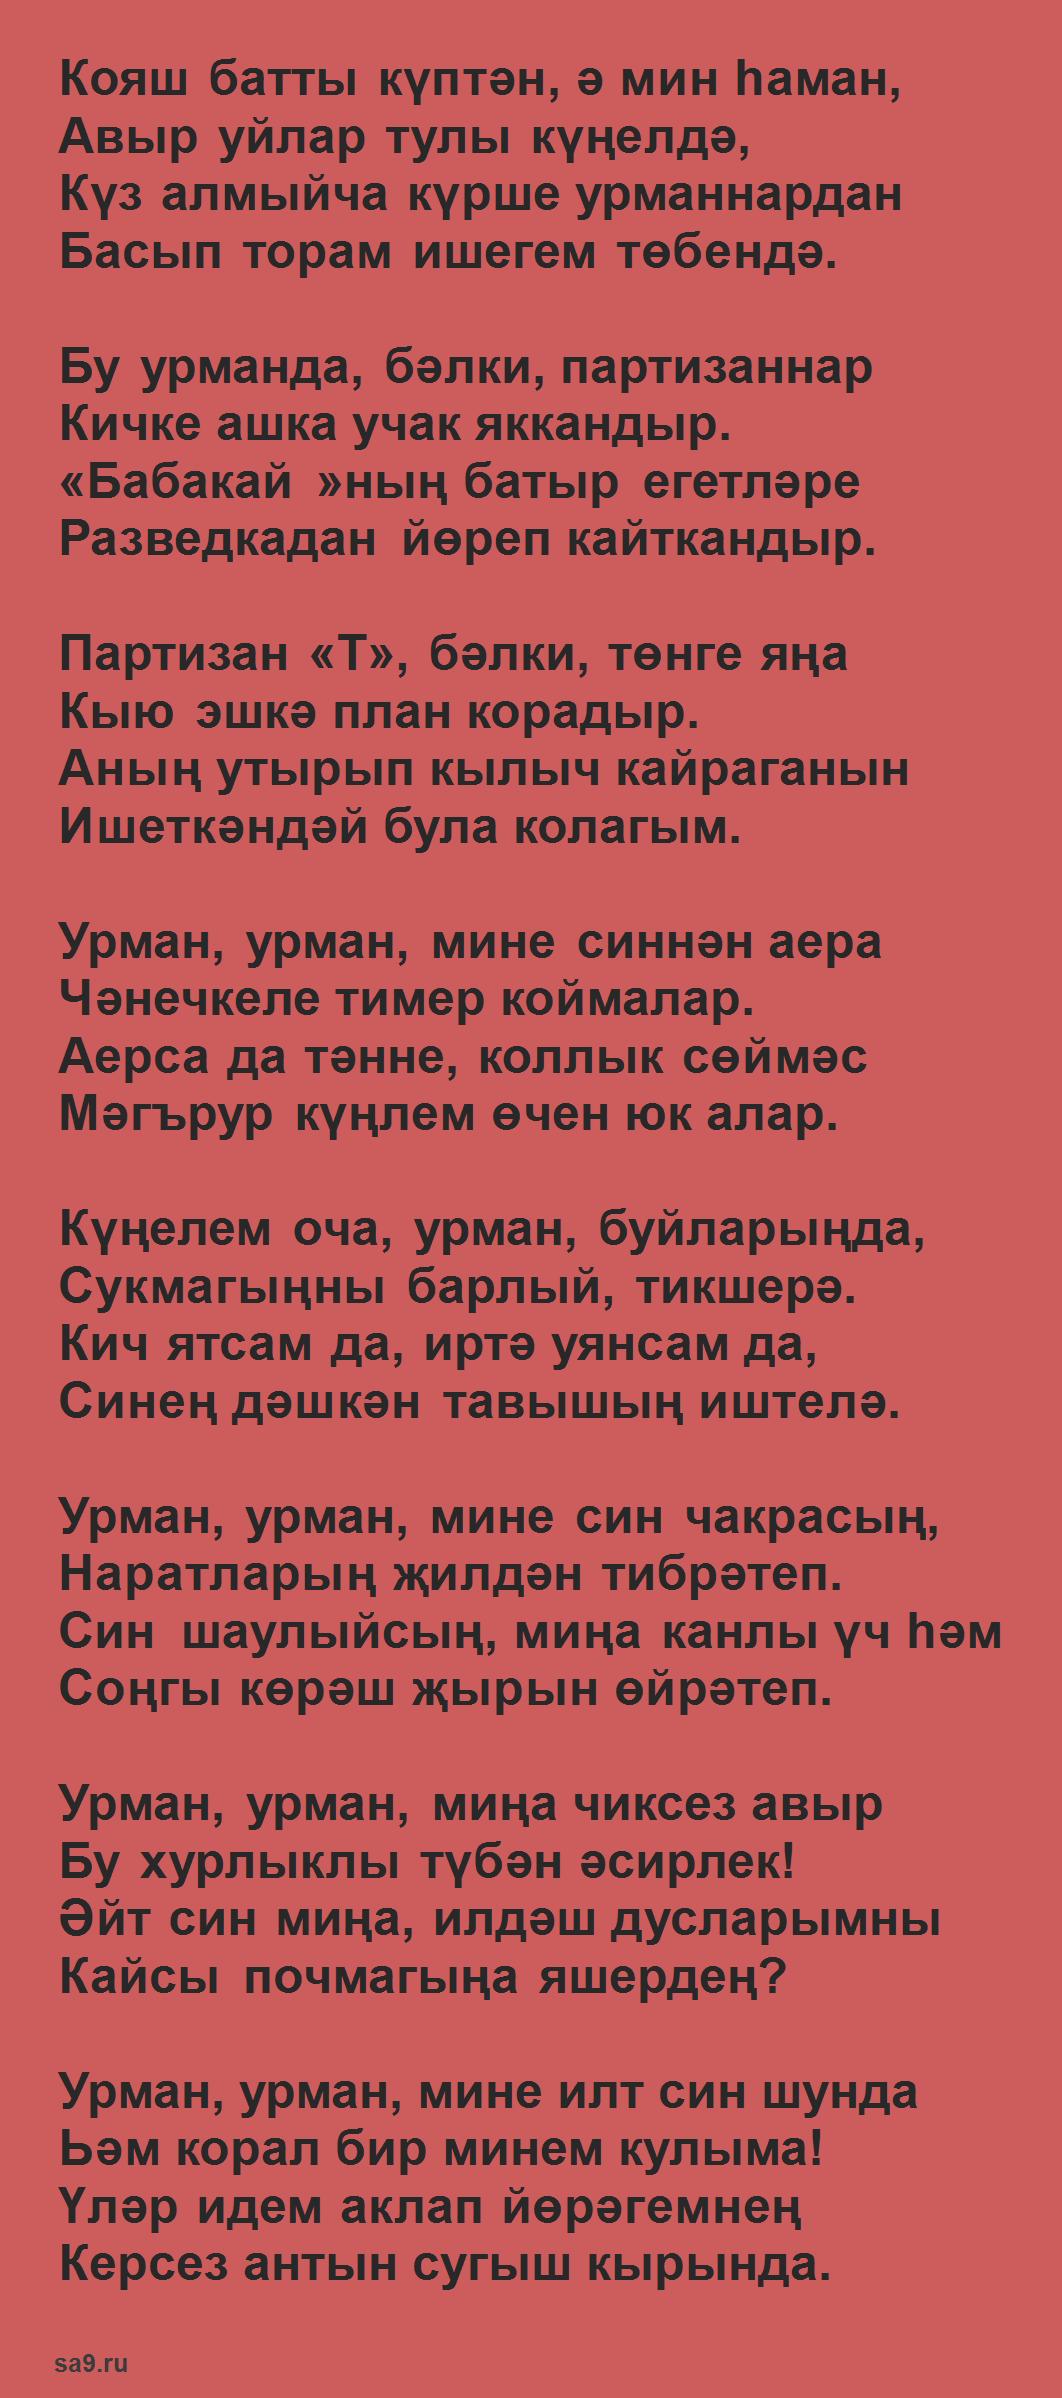 Муса Джалиль стихи на татарском языке - Урман